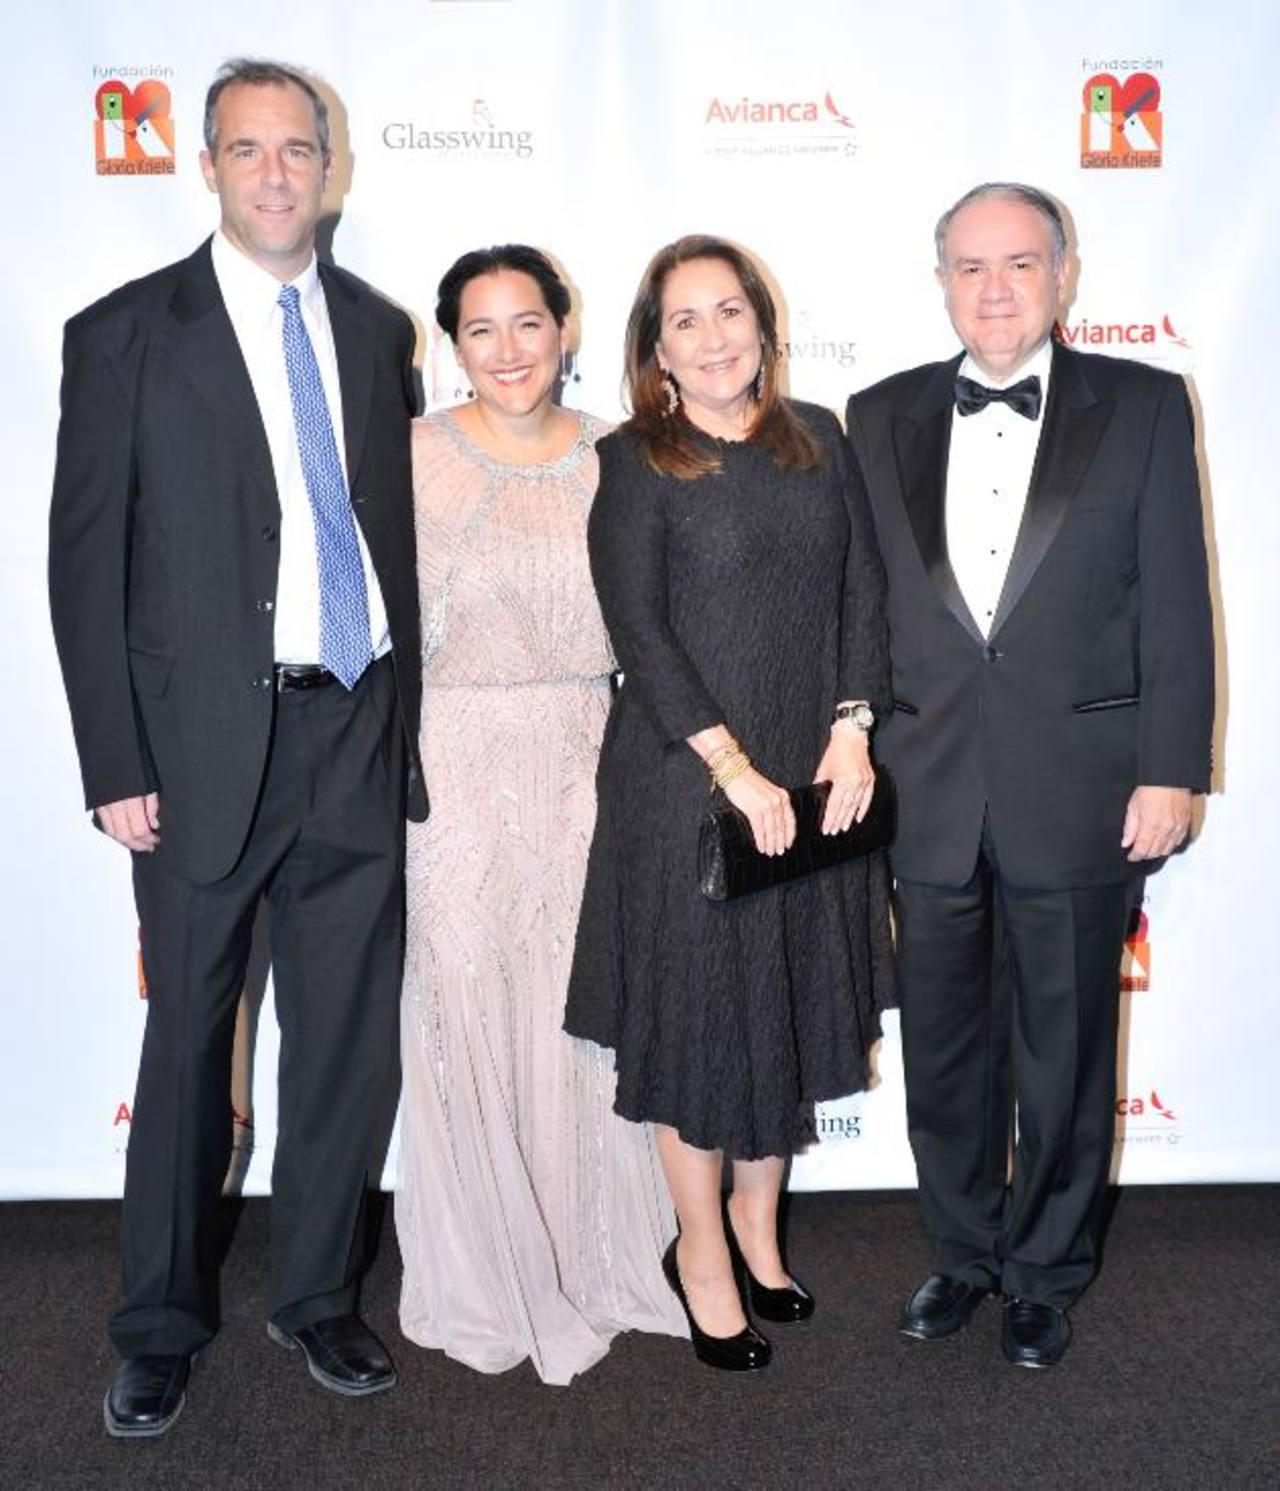 Ken Baker y Celina de Sola, fundadores de Glasswing El Salvador, Nina Palomo y Joaquín Palomo.